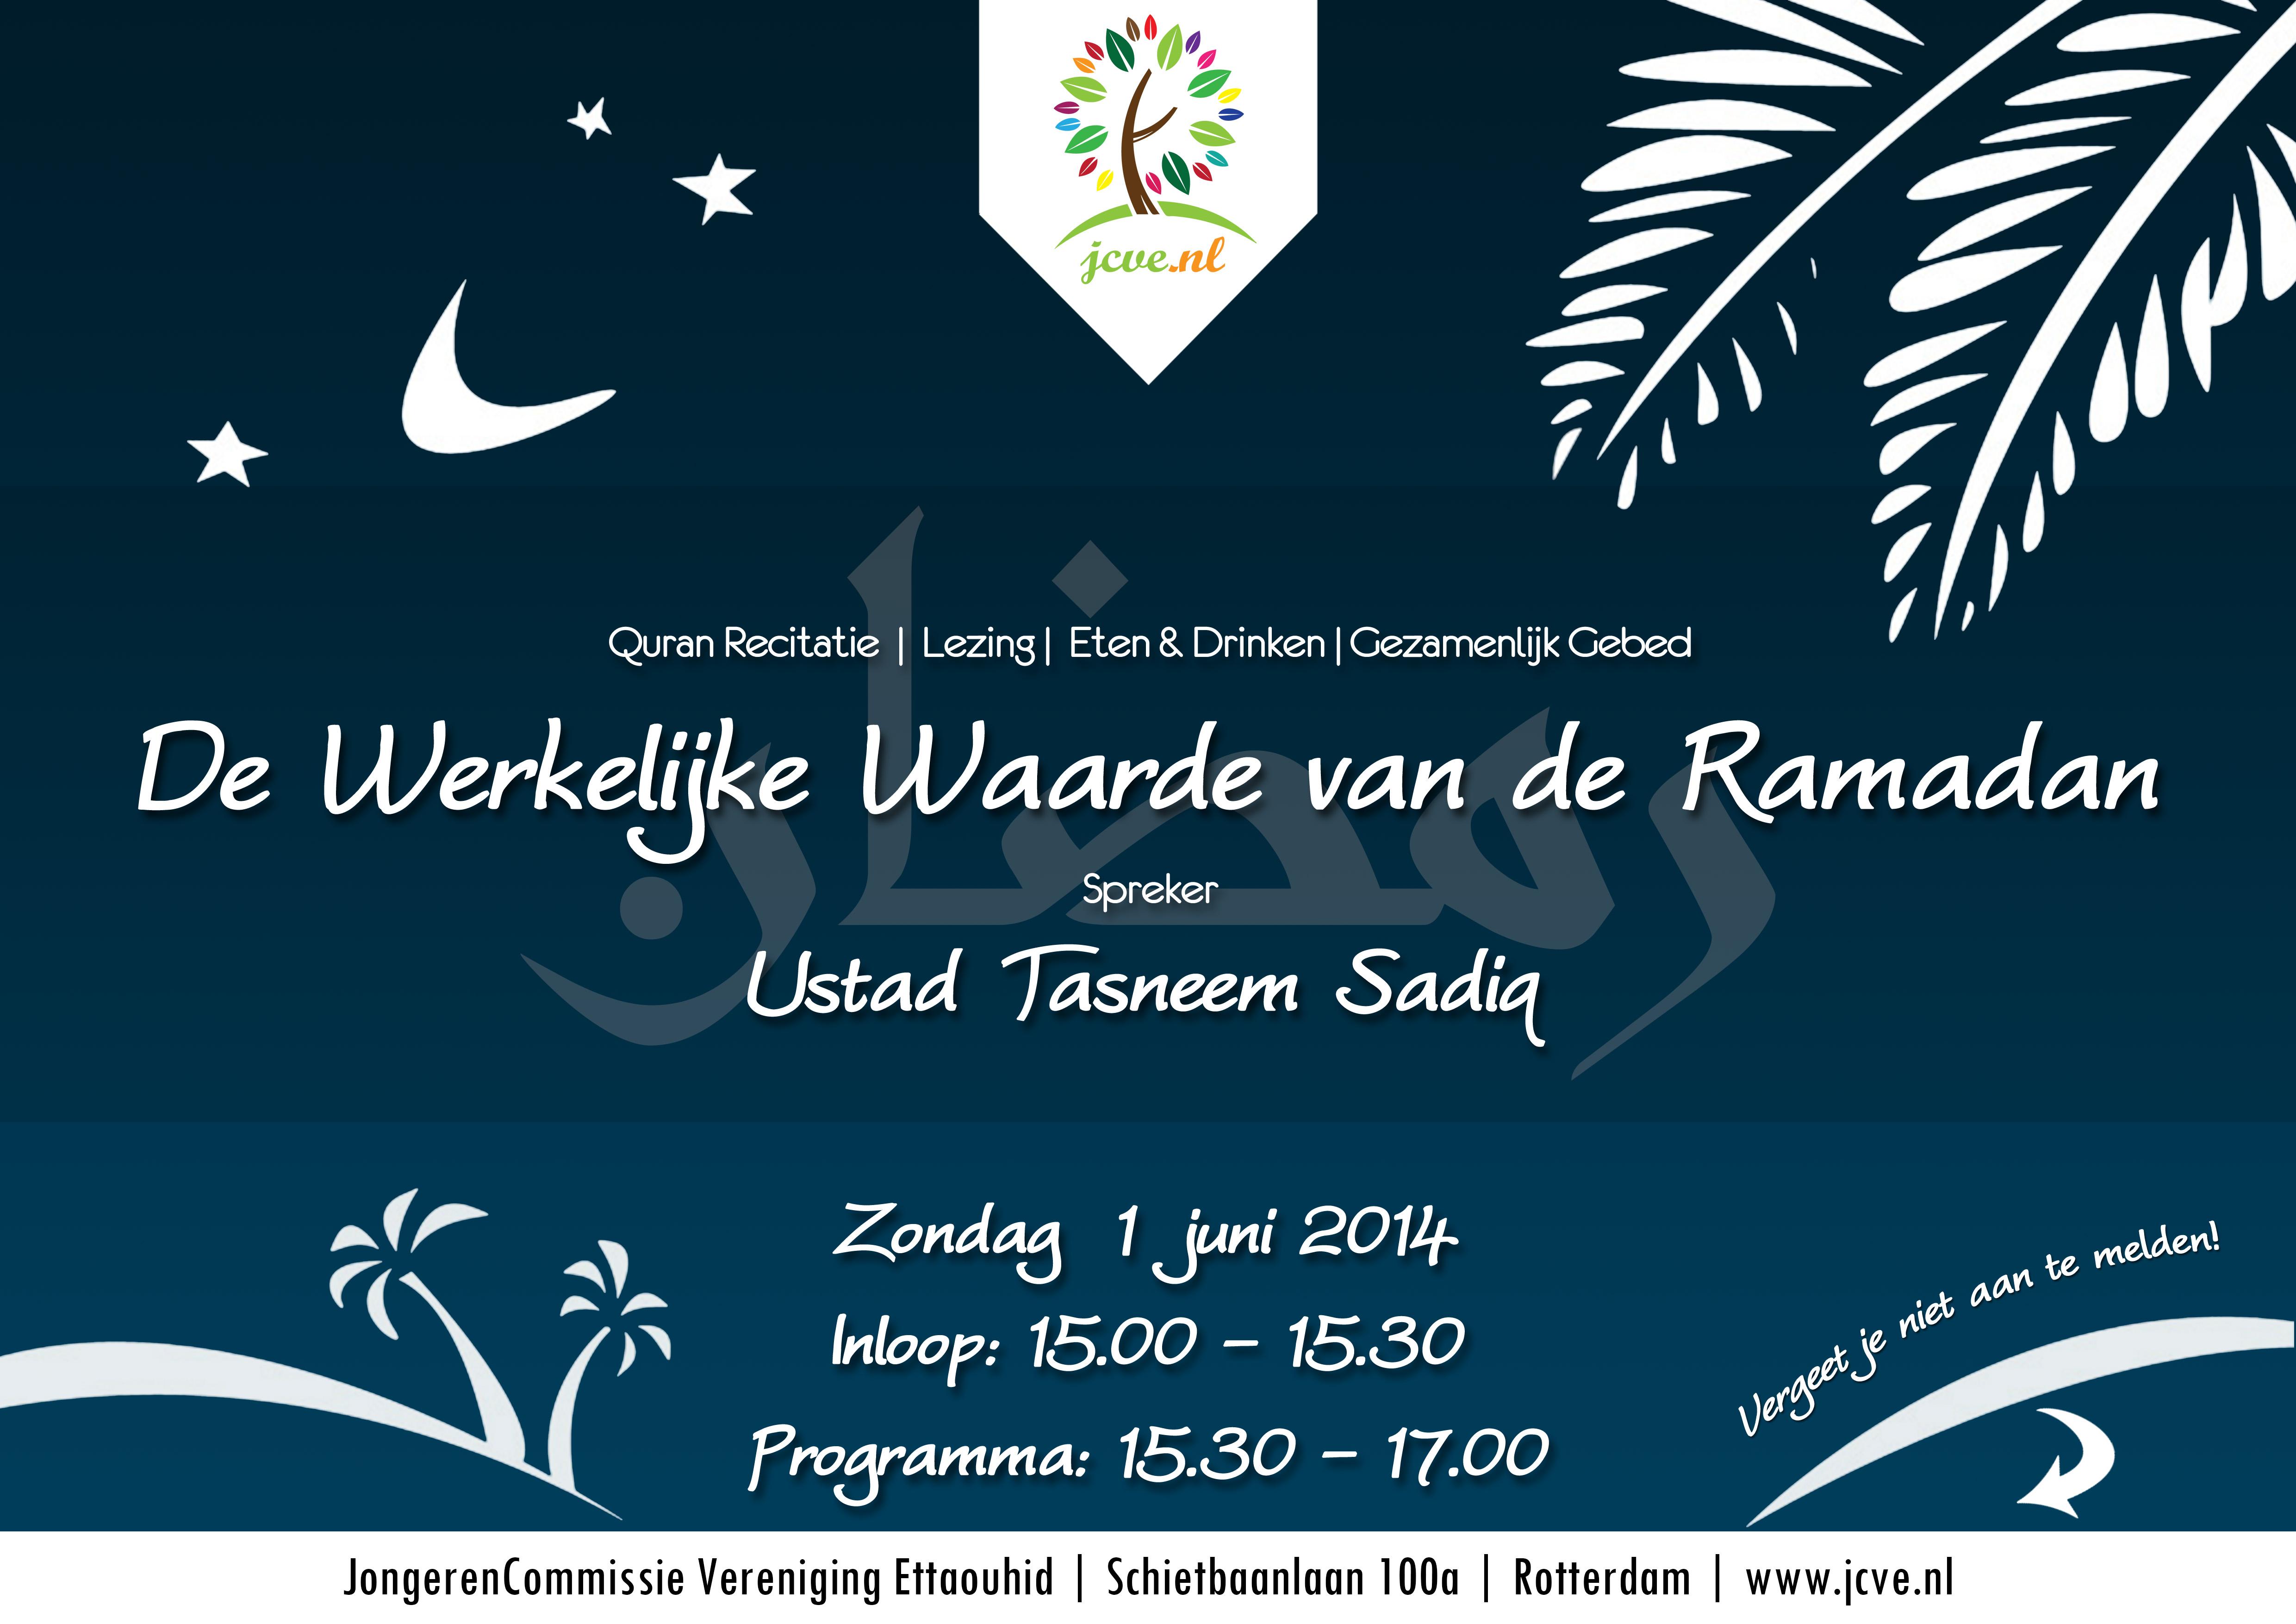 waarde_ramadan